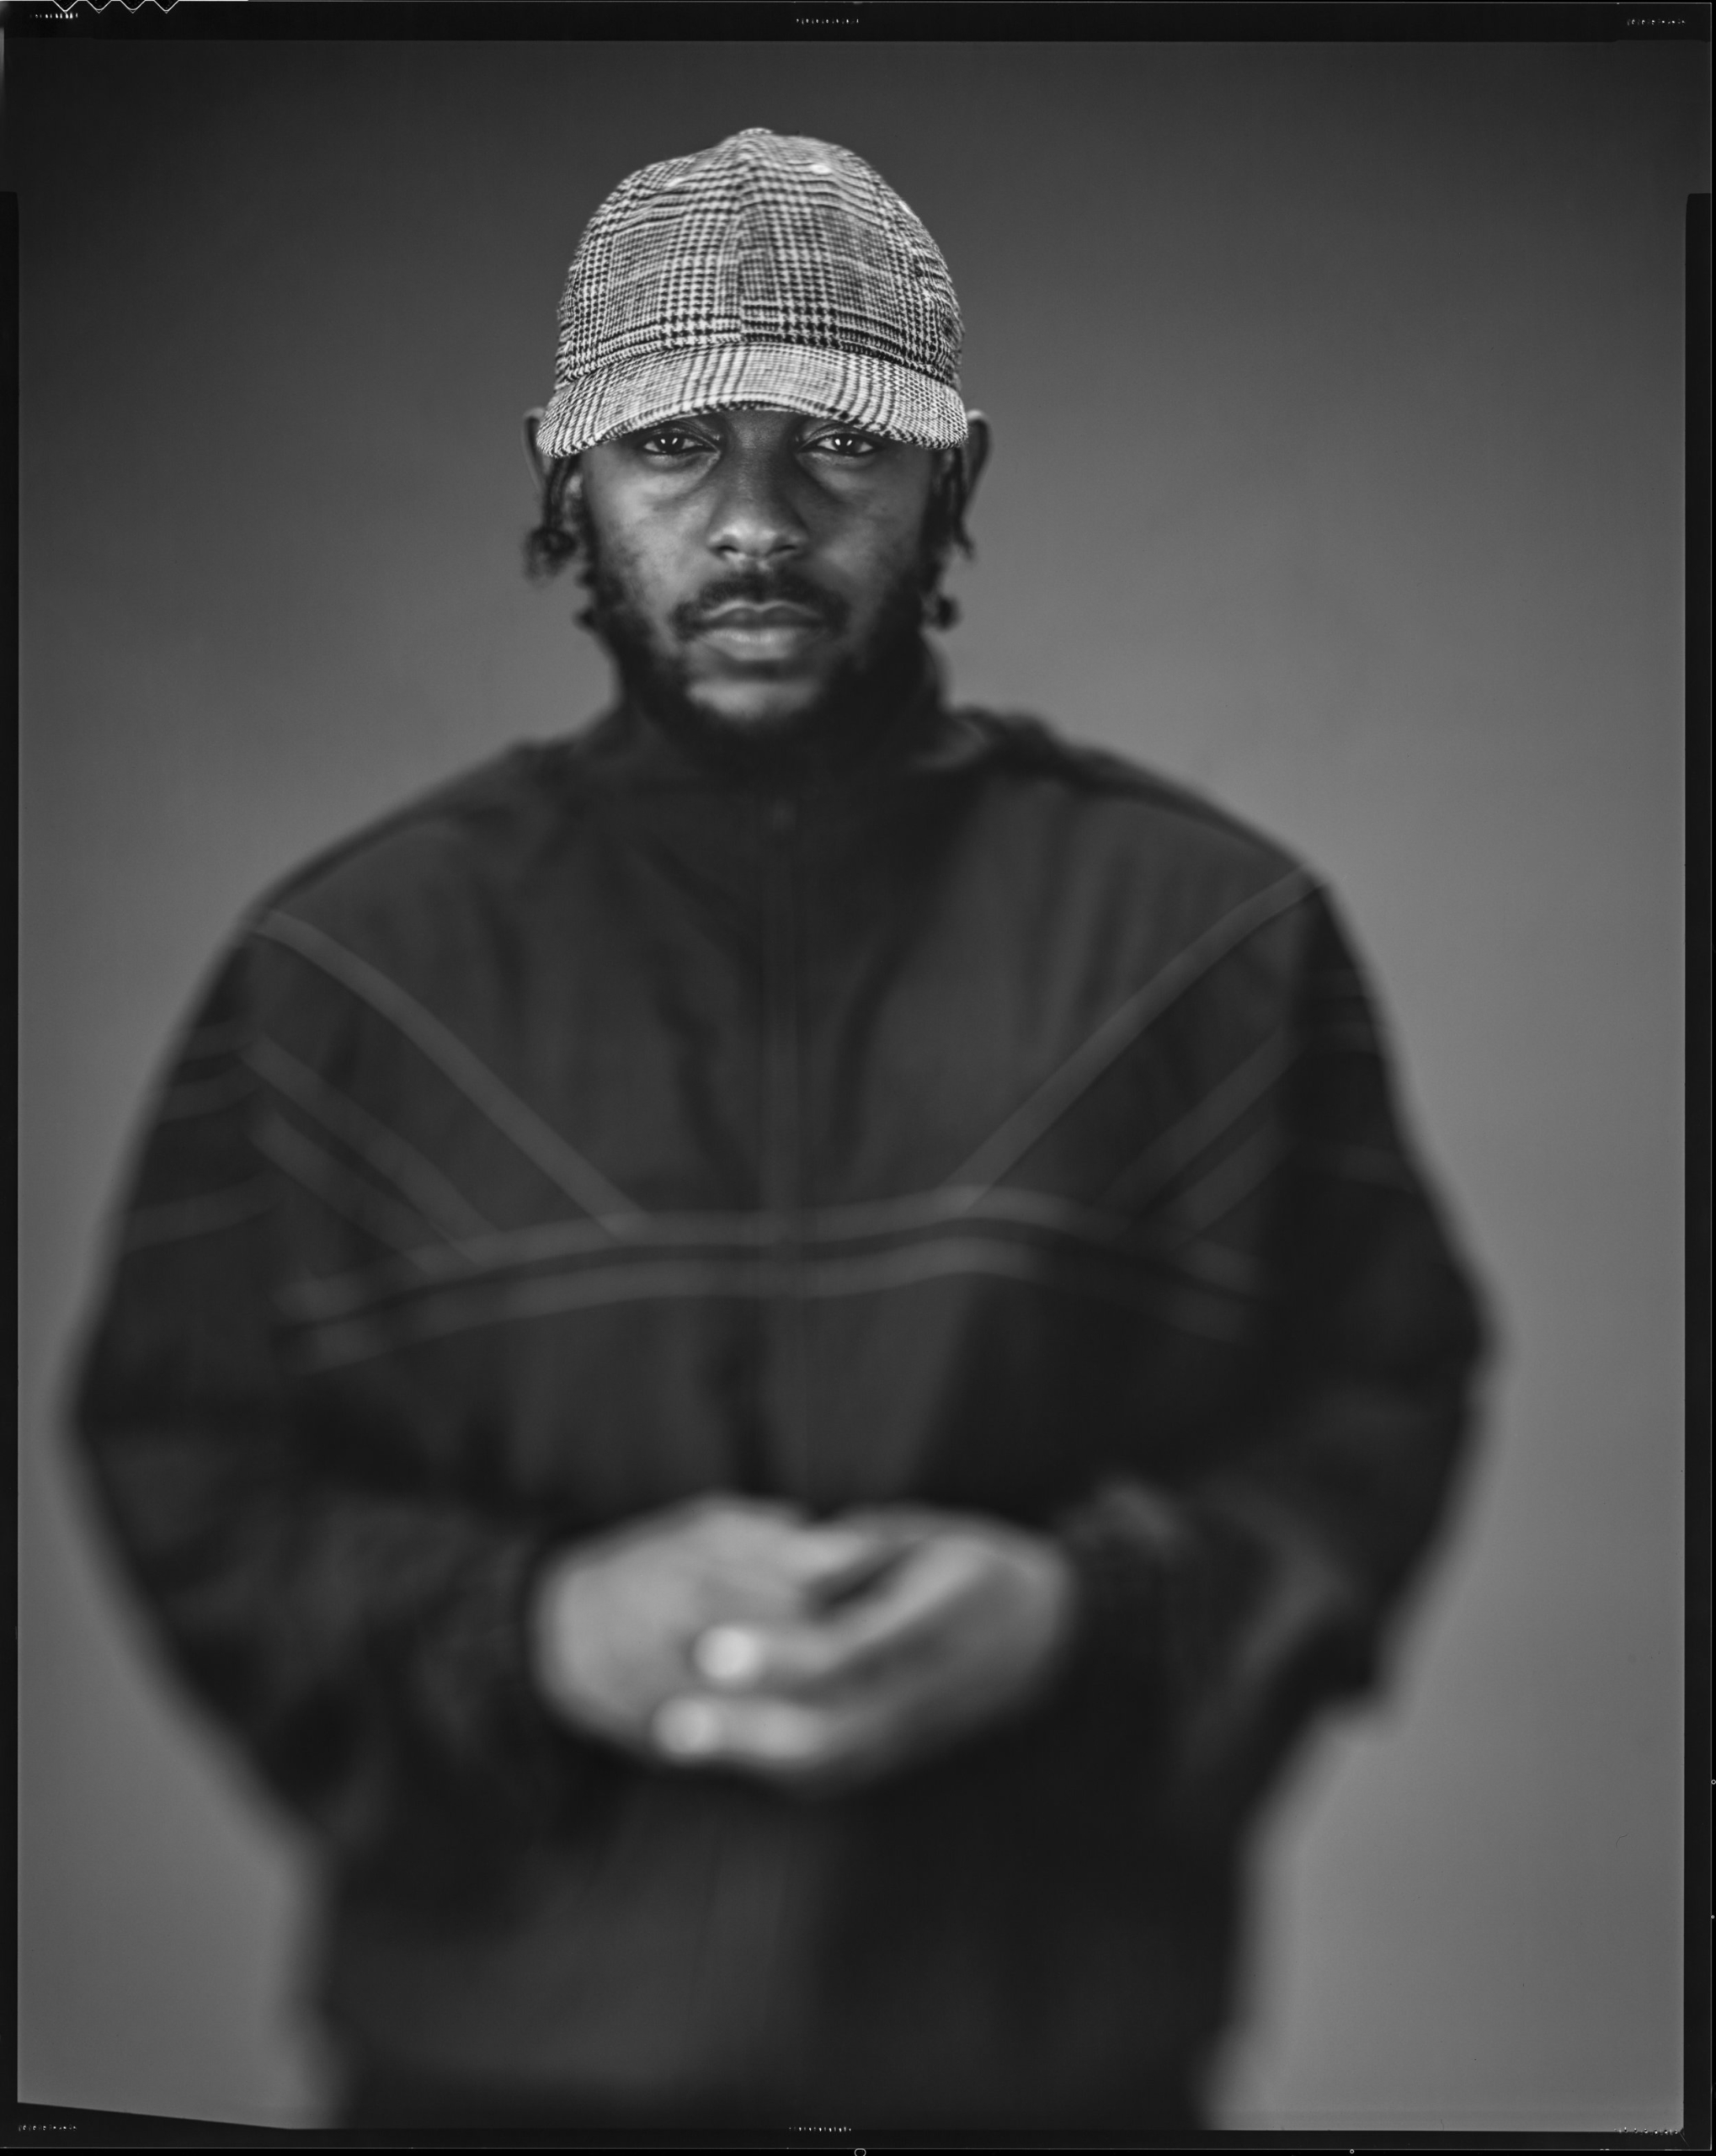 Las 8 mejores canciones de Kendrick Lamar